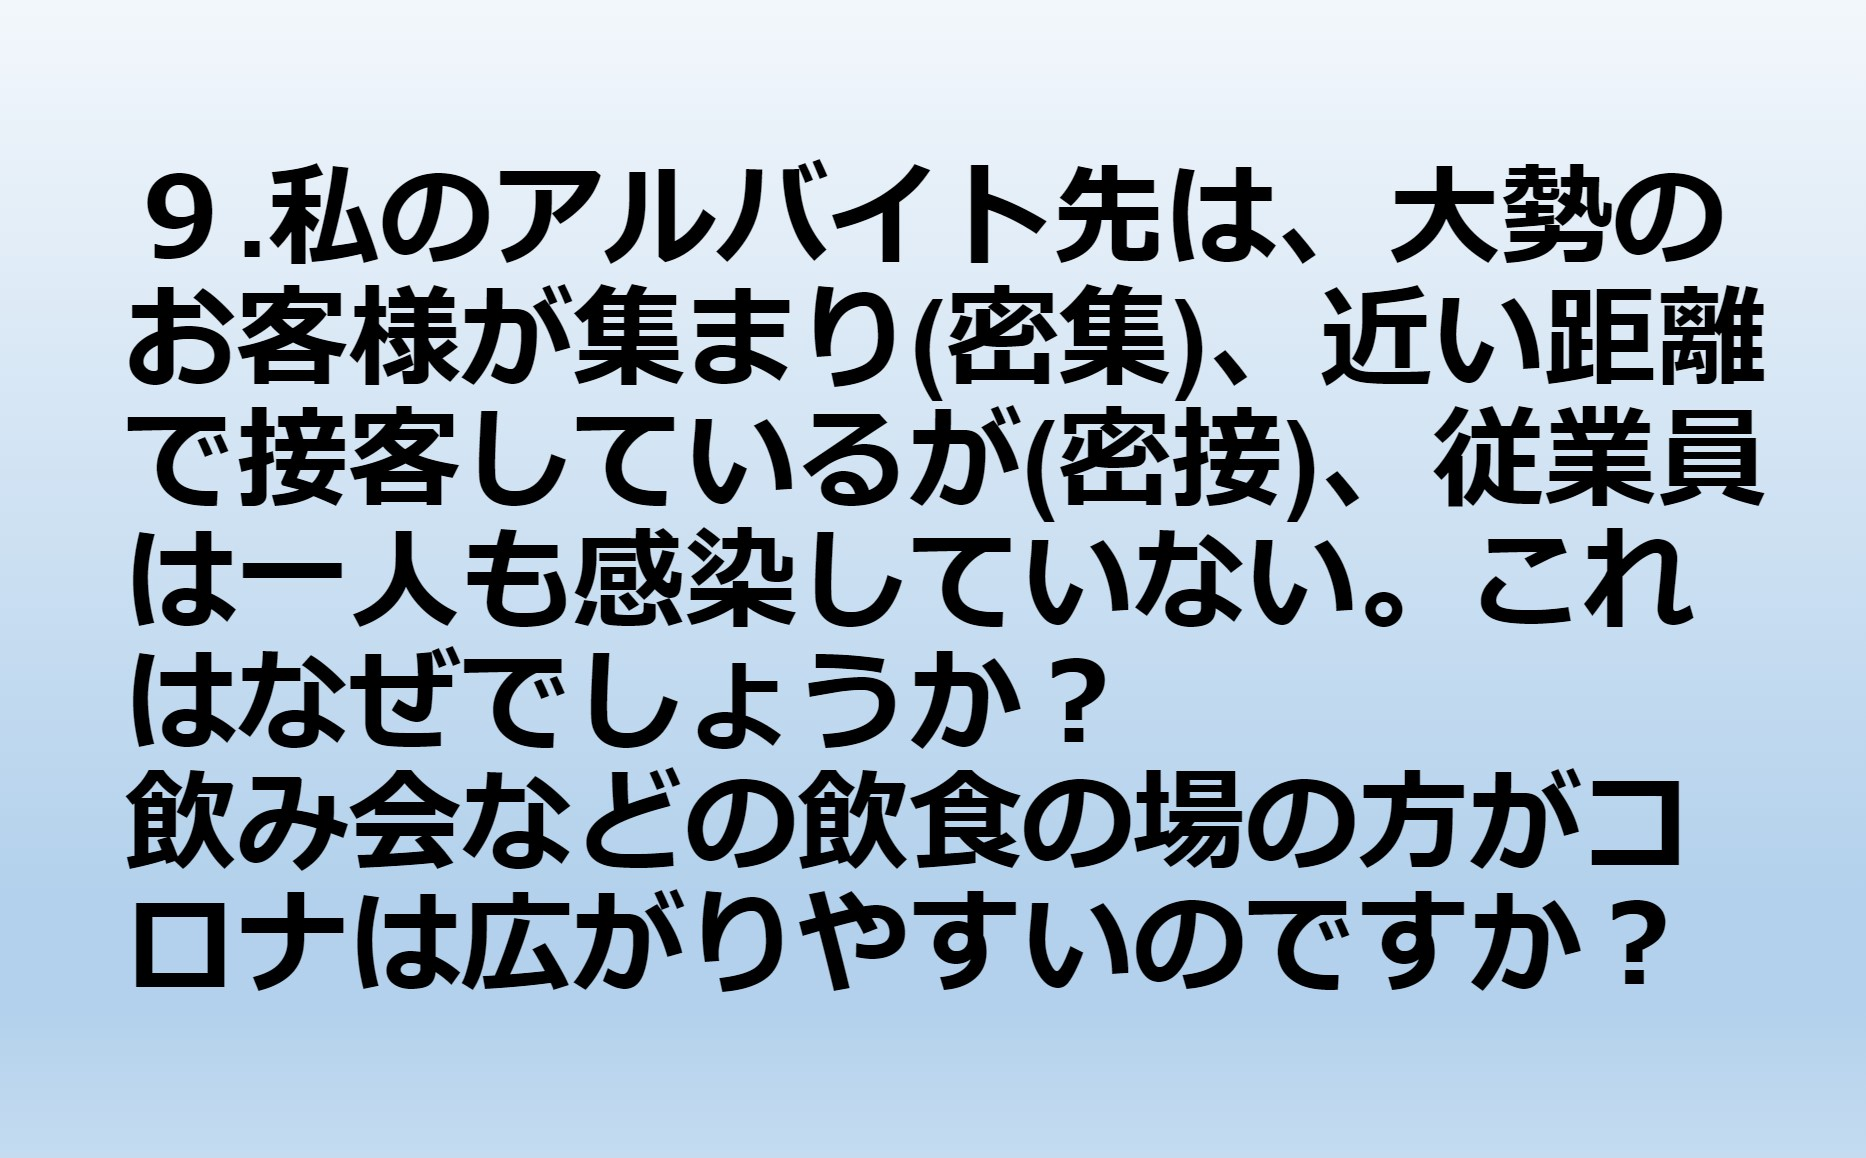 スクリーンショット (30).jpg